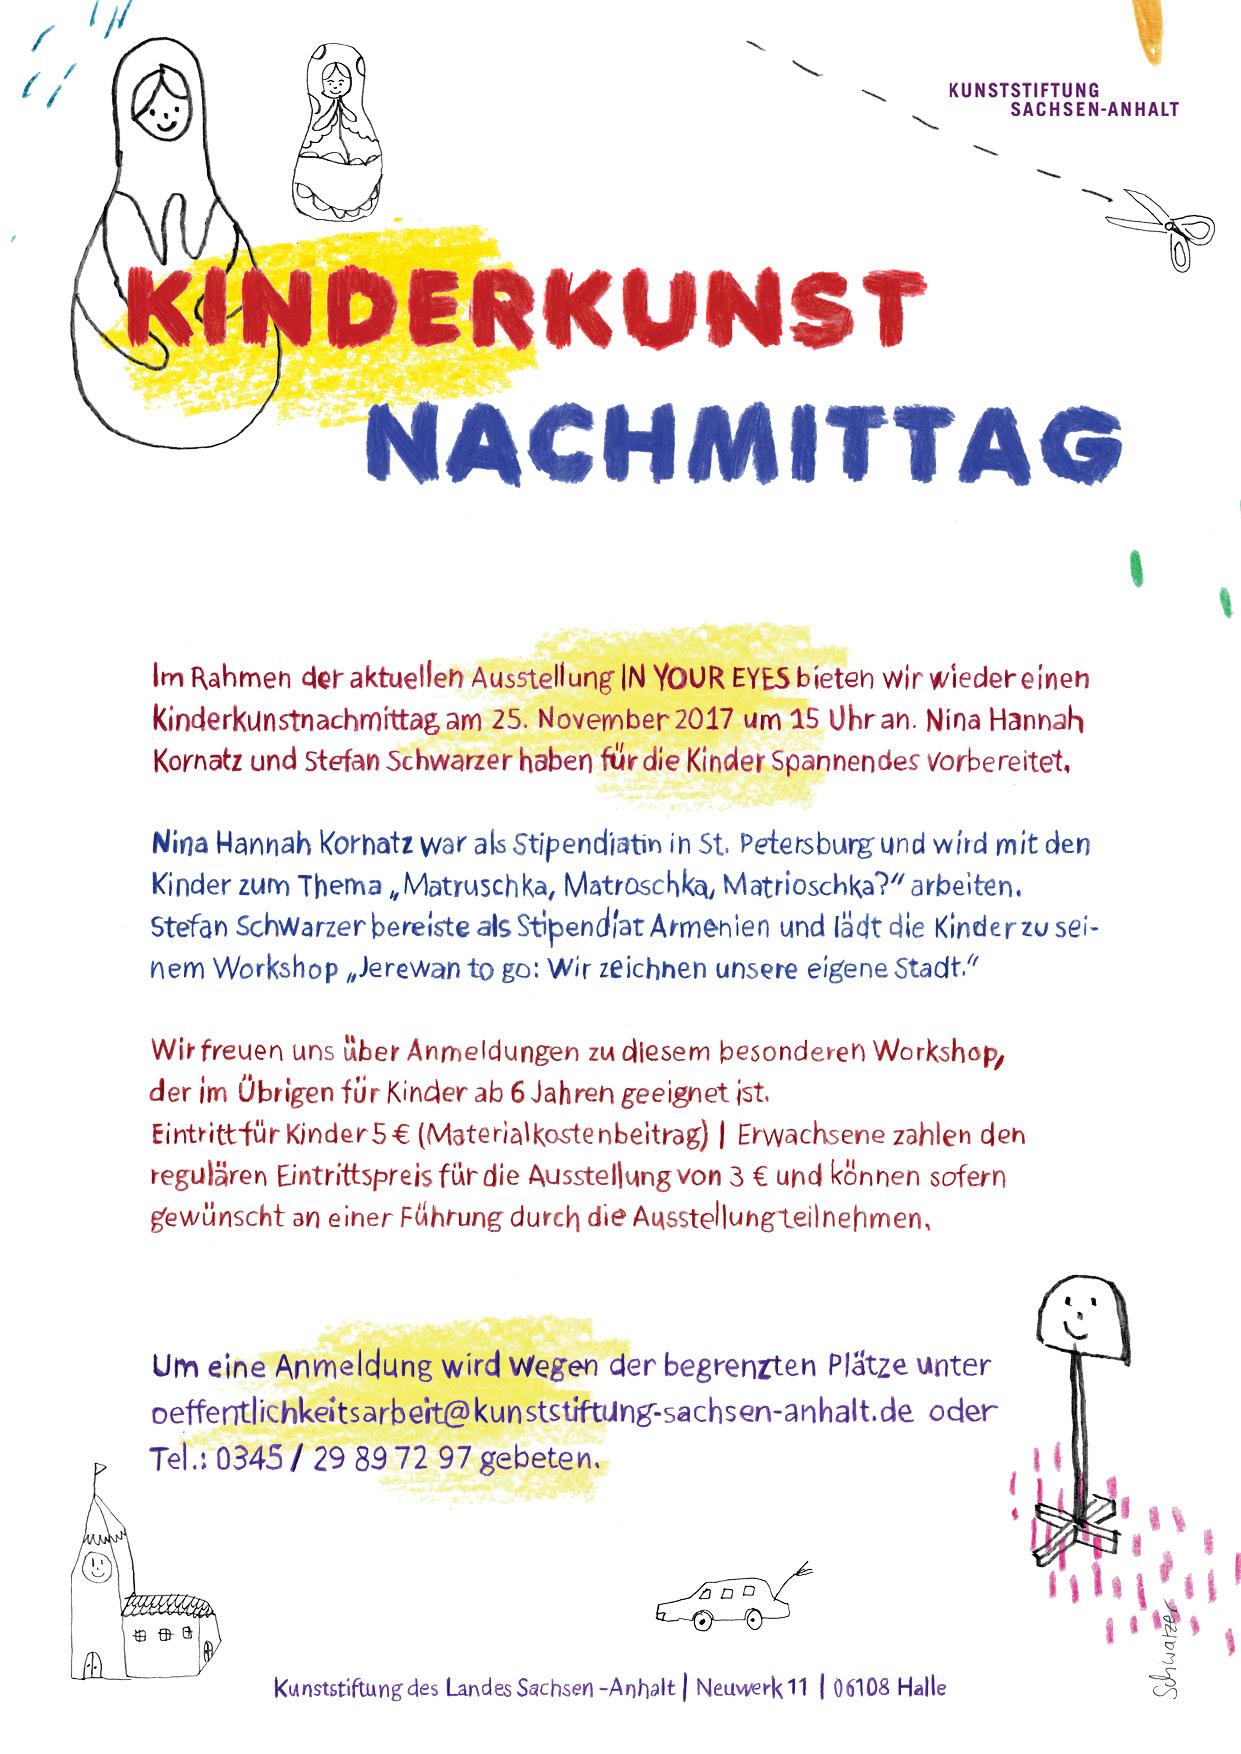 Matruschka Matroschka Matrioschka Jerewan To Go Wir Zeichnen Unsere Eigene Stadt Kunststiftung Des Landes Sachsen Anhalt